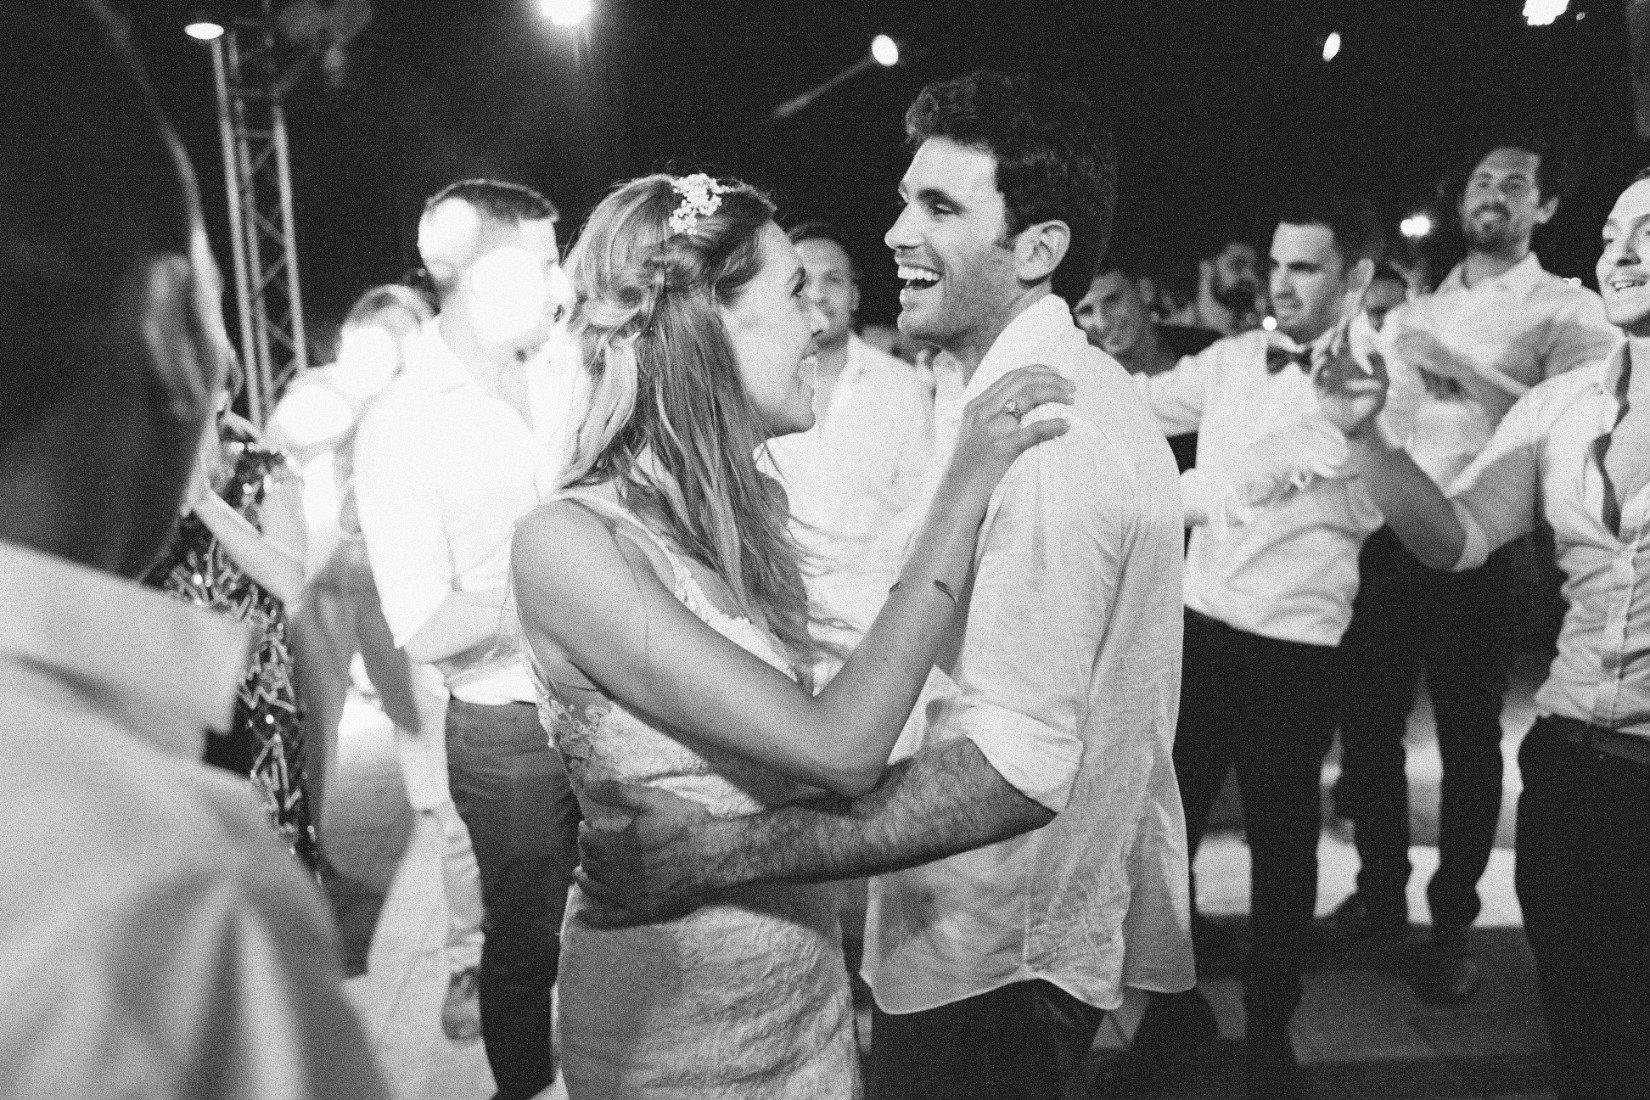 לזכר האבא: החתונה המרגשת של קיילי ומעין